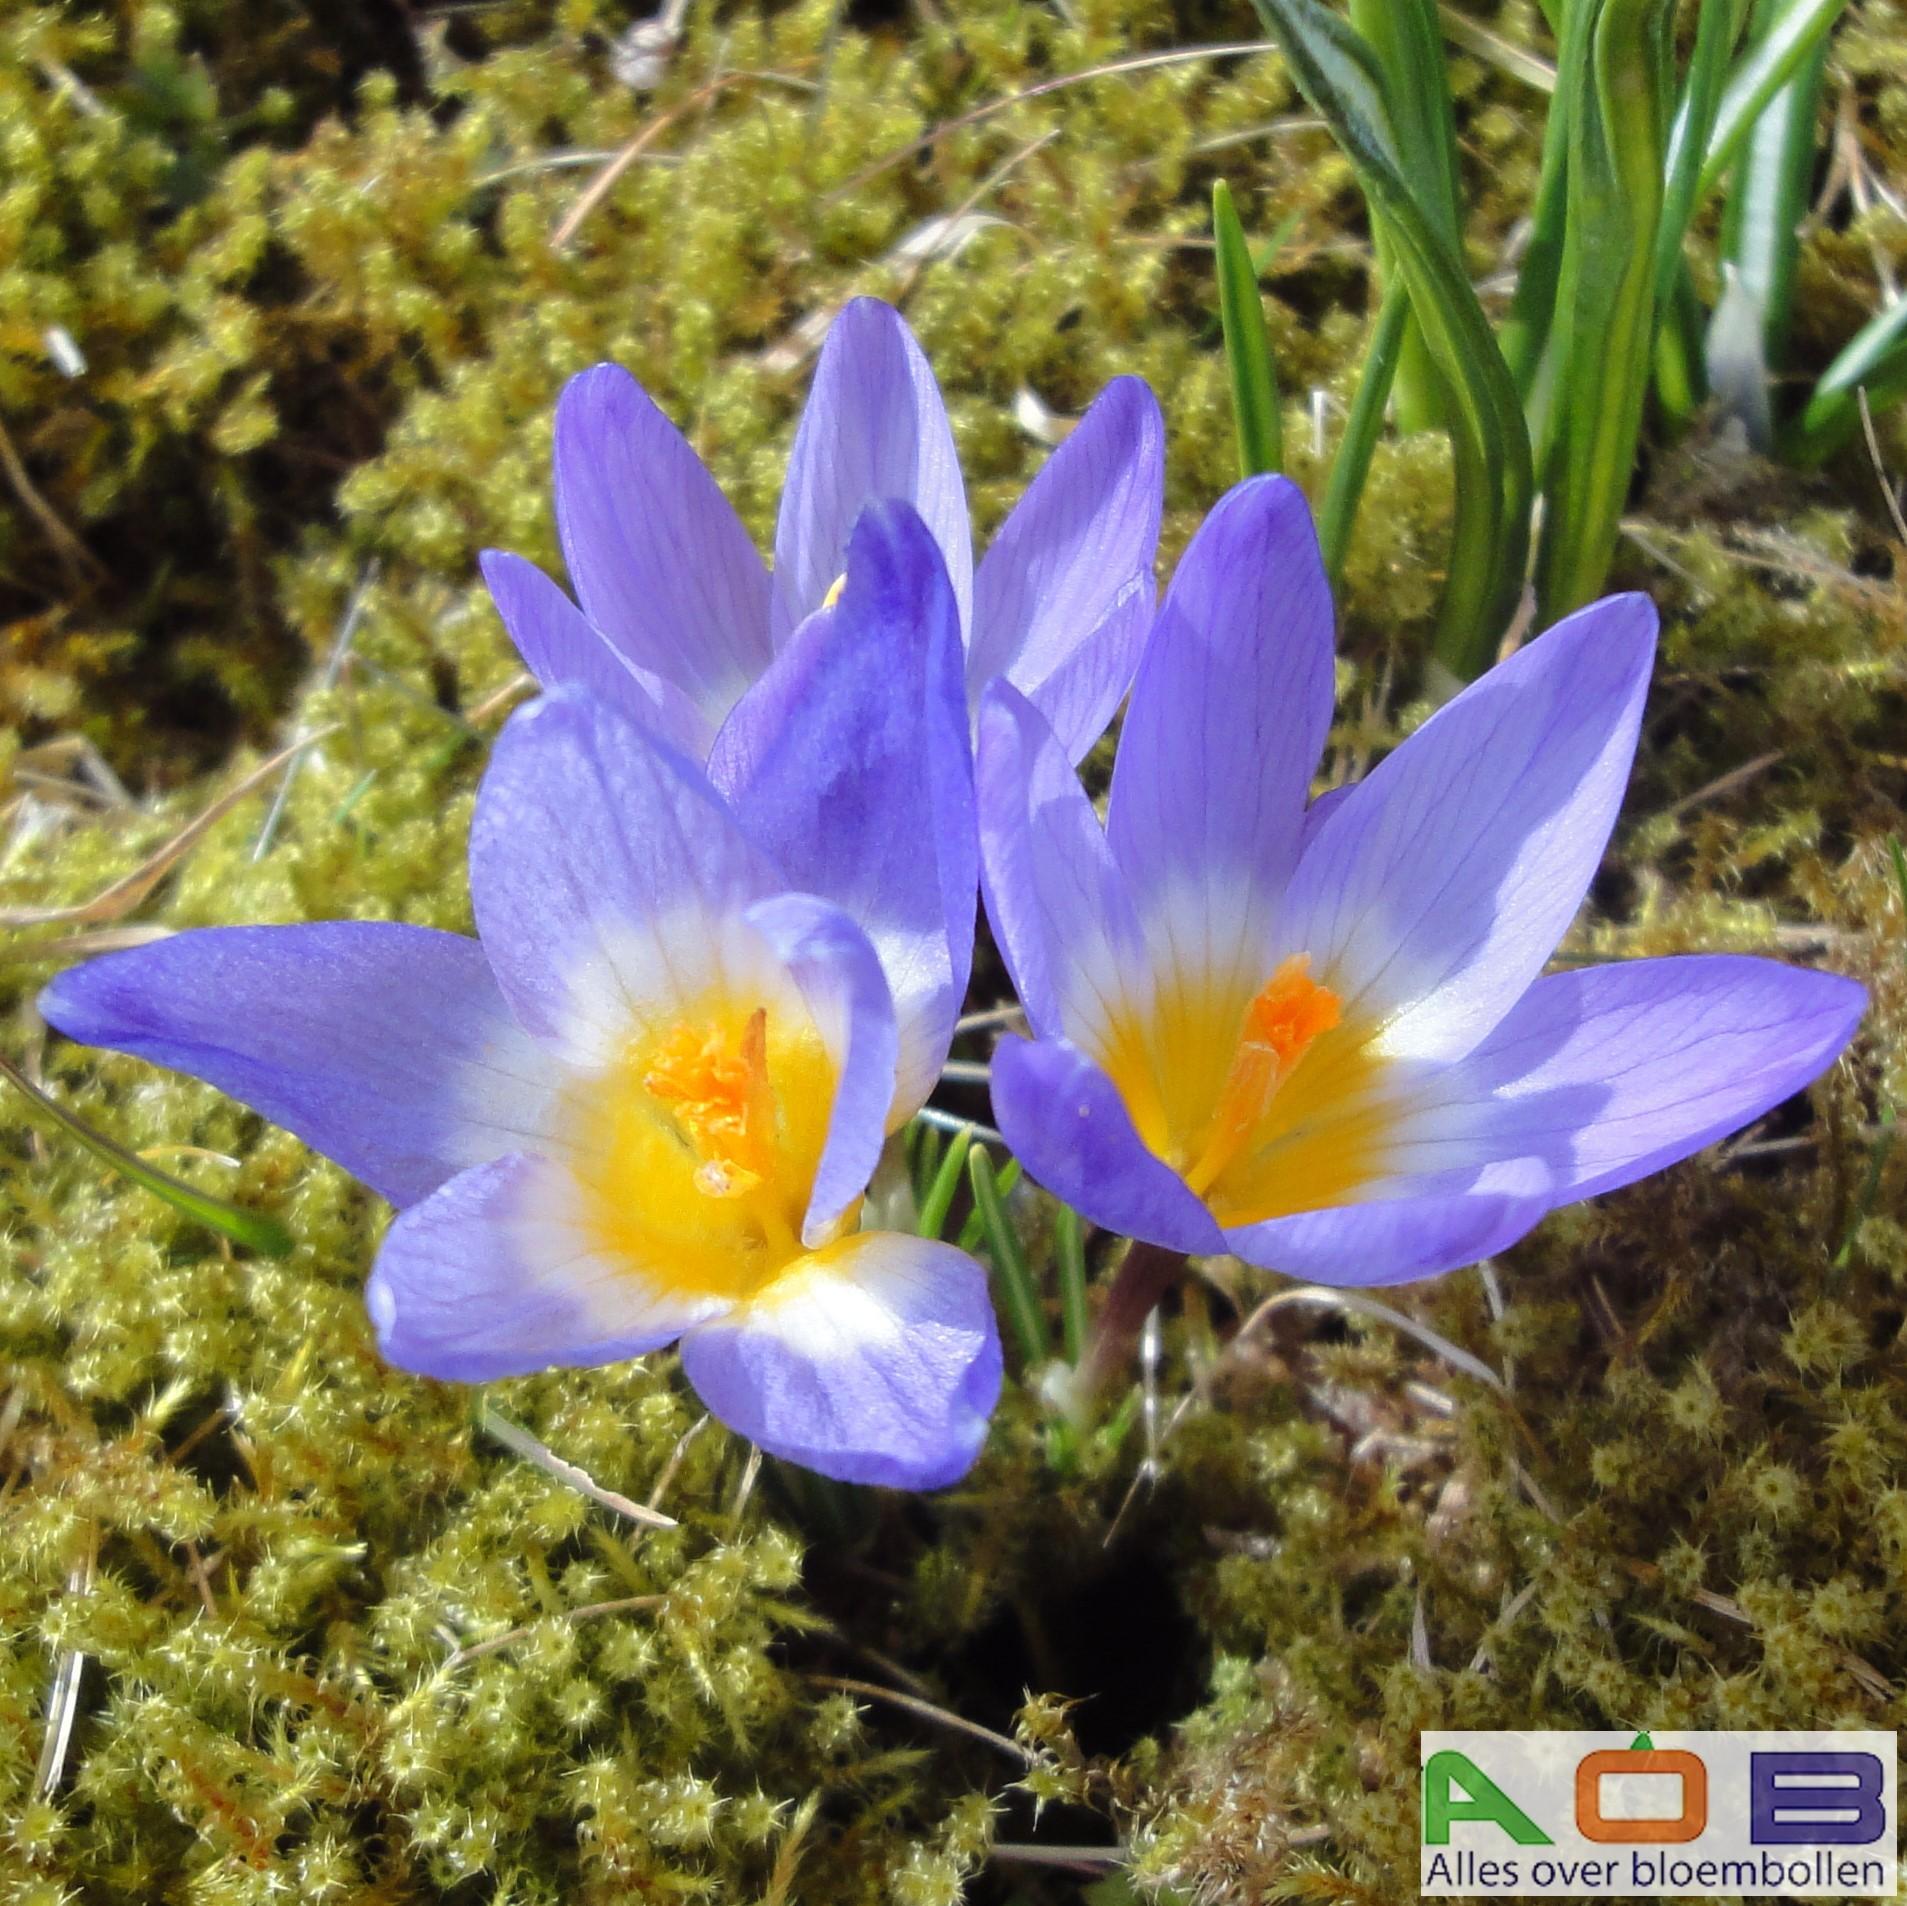 Crocus sieberi ssp sublimus tricolor